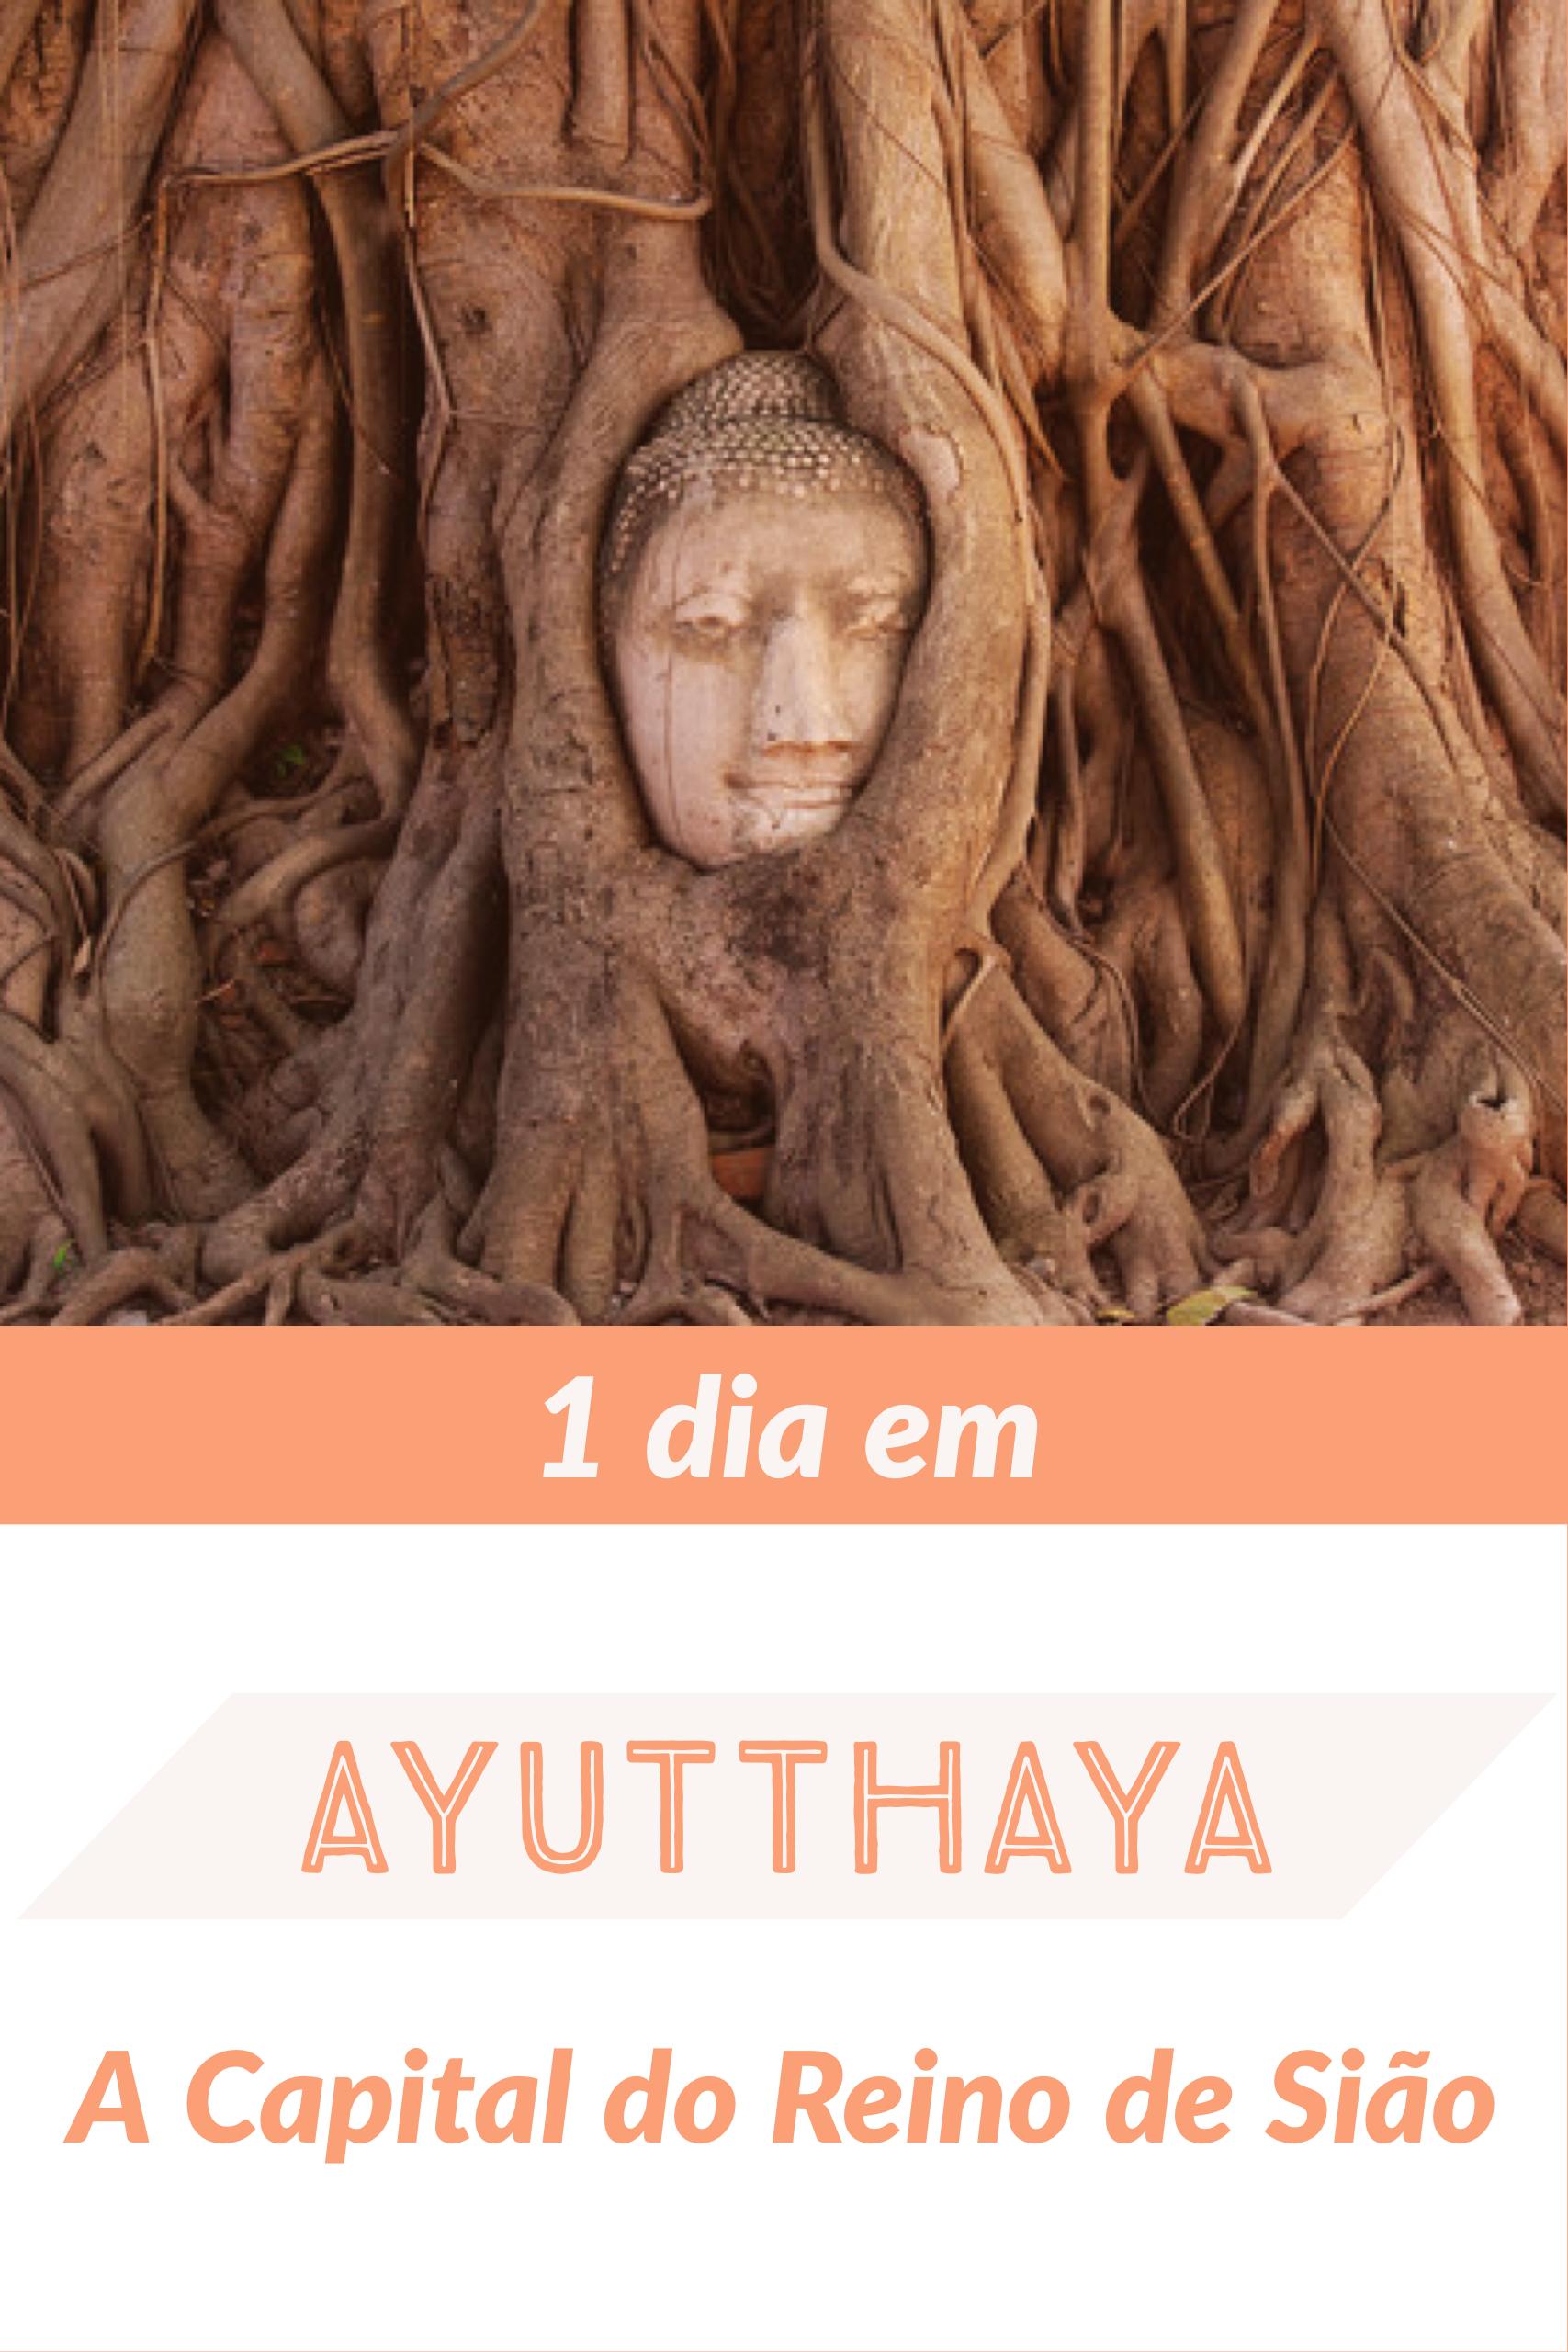 1 dia em Ayutthaya, A Capital do Reino de Sião